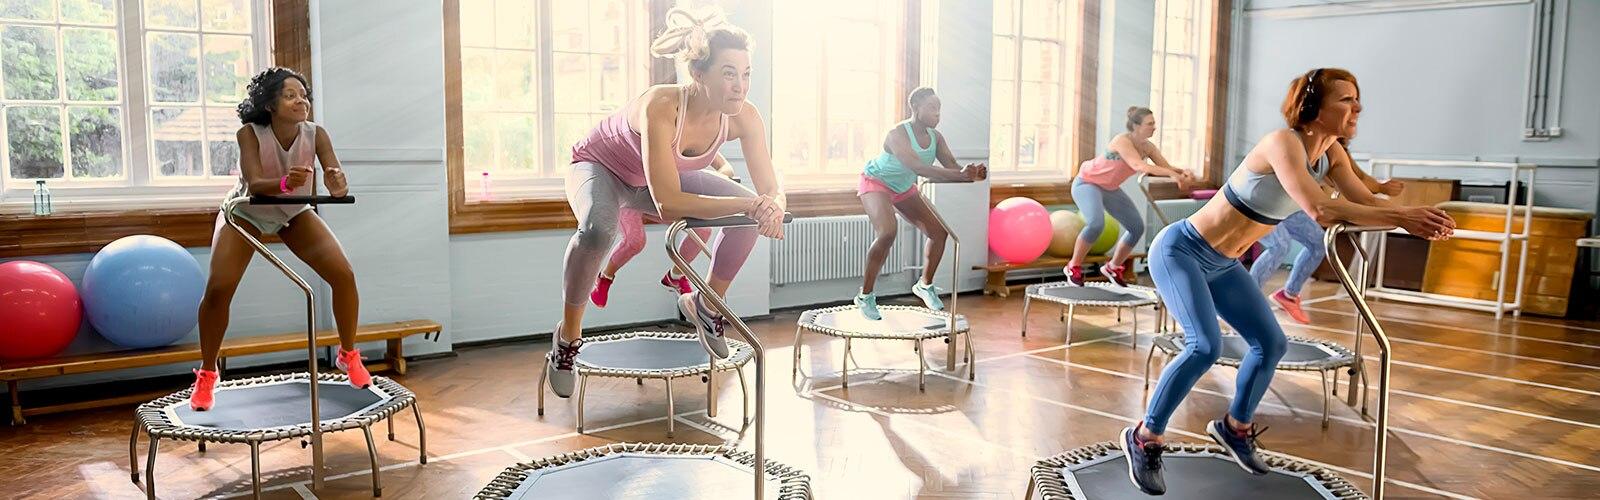 Frauen auf Trampolinen in einem Fitnessstudio